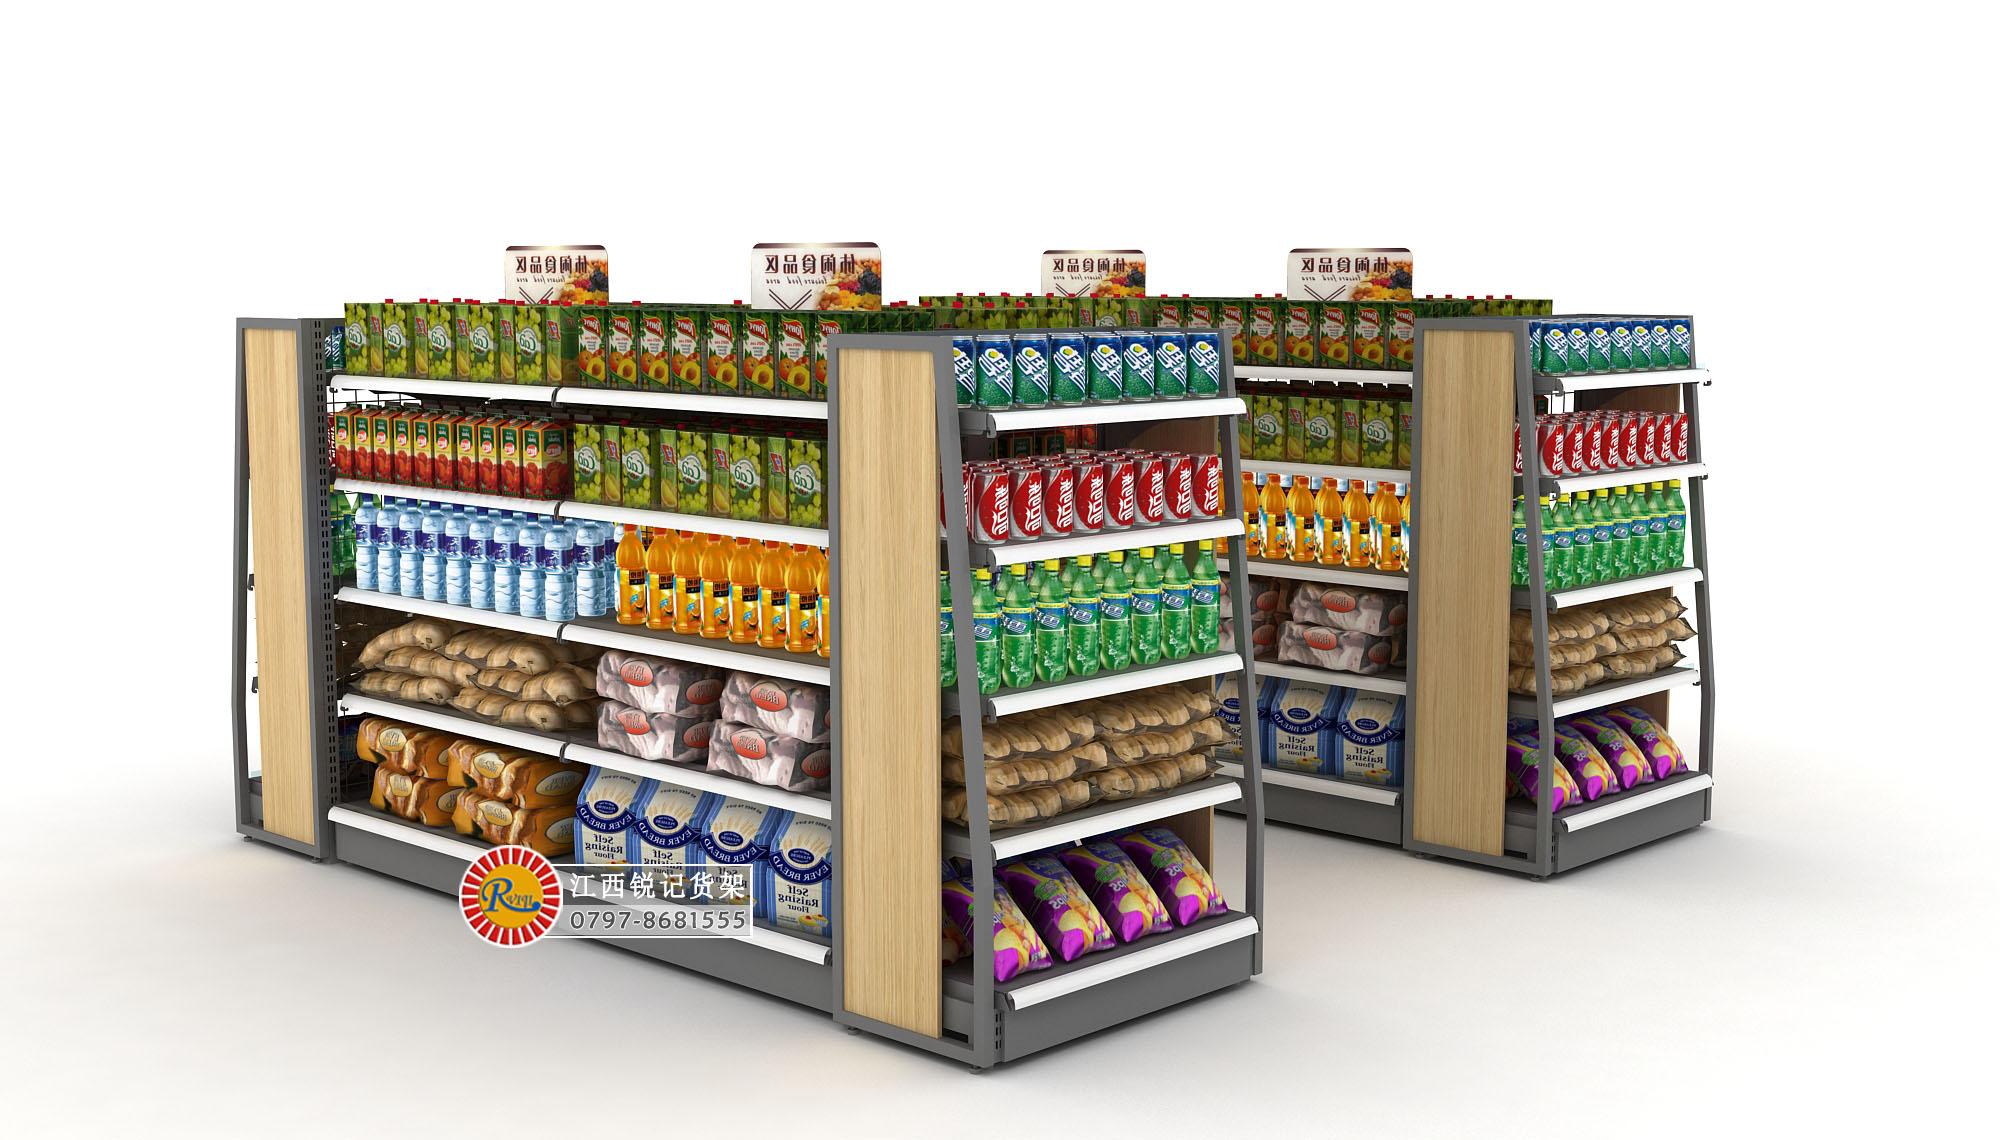 开店便利店的货架选择应该怎么选